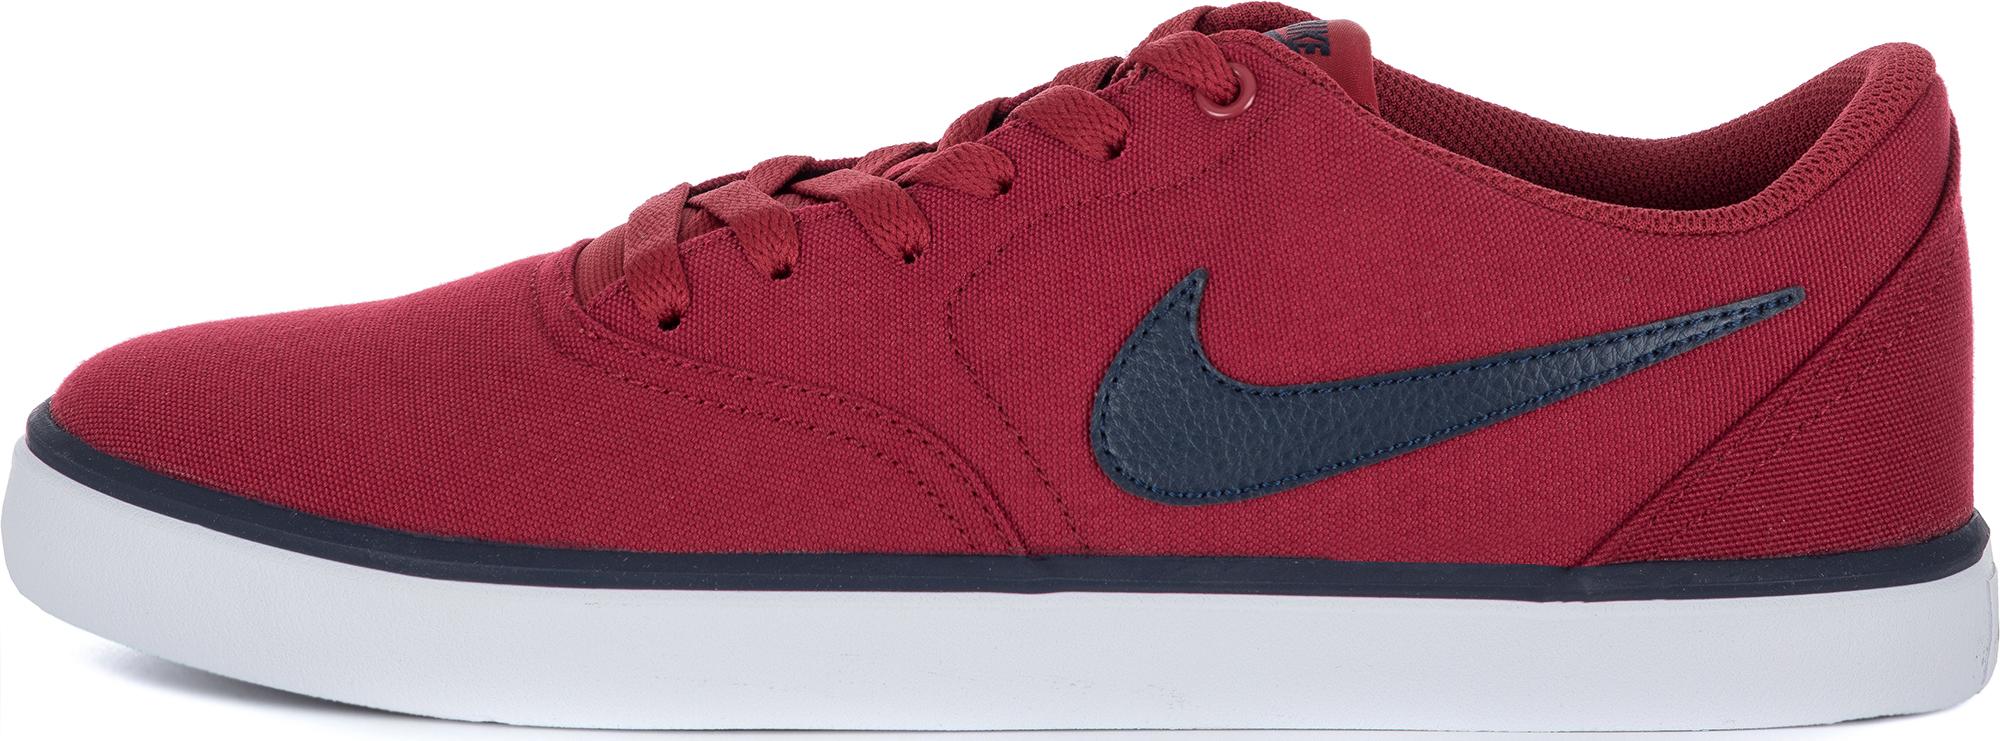 Nike Кеды мужские Nike Sb Check Solar Cnvs, размер 44 недорго, оригинальная цена